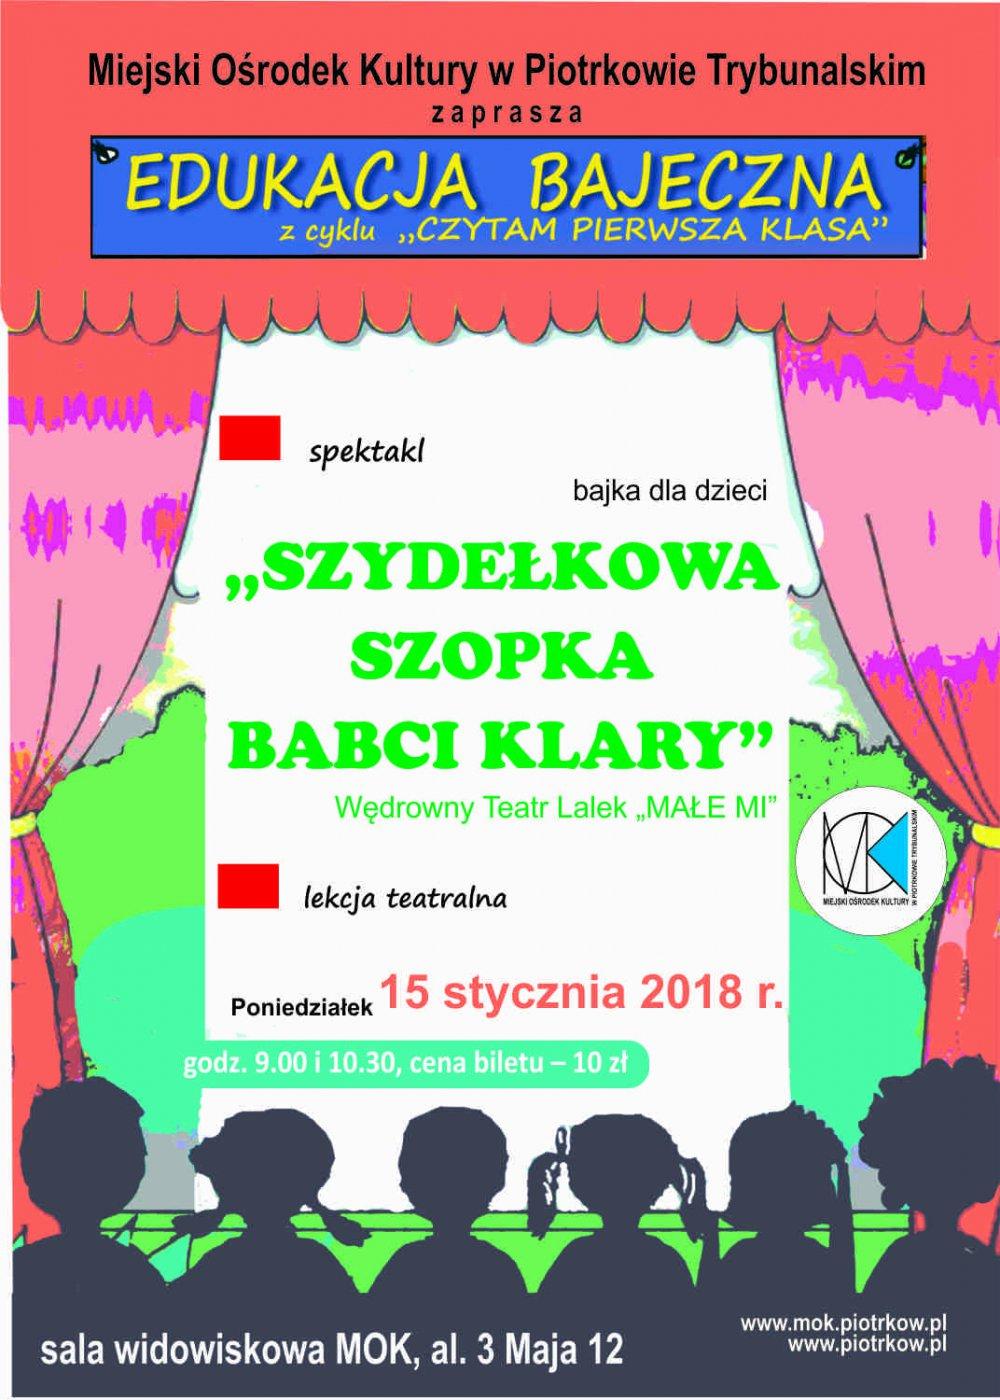 Edukacja bajeczna - spektakl dla dzieci pt.: